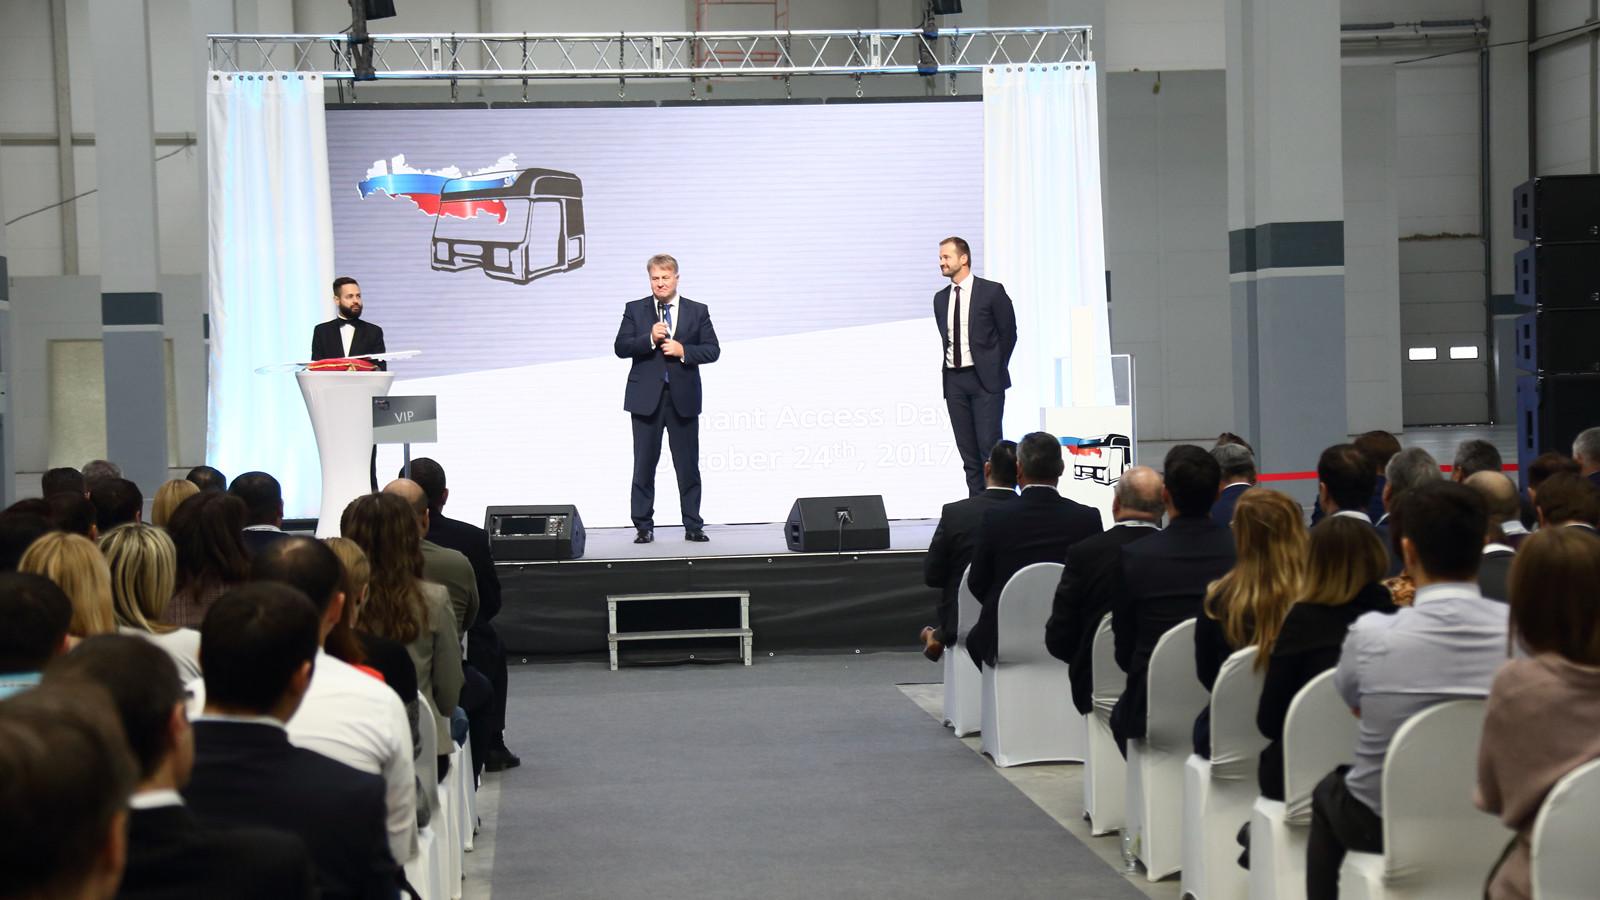 Daimler начинает оснащать оборудованием завод каркасов кабин